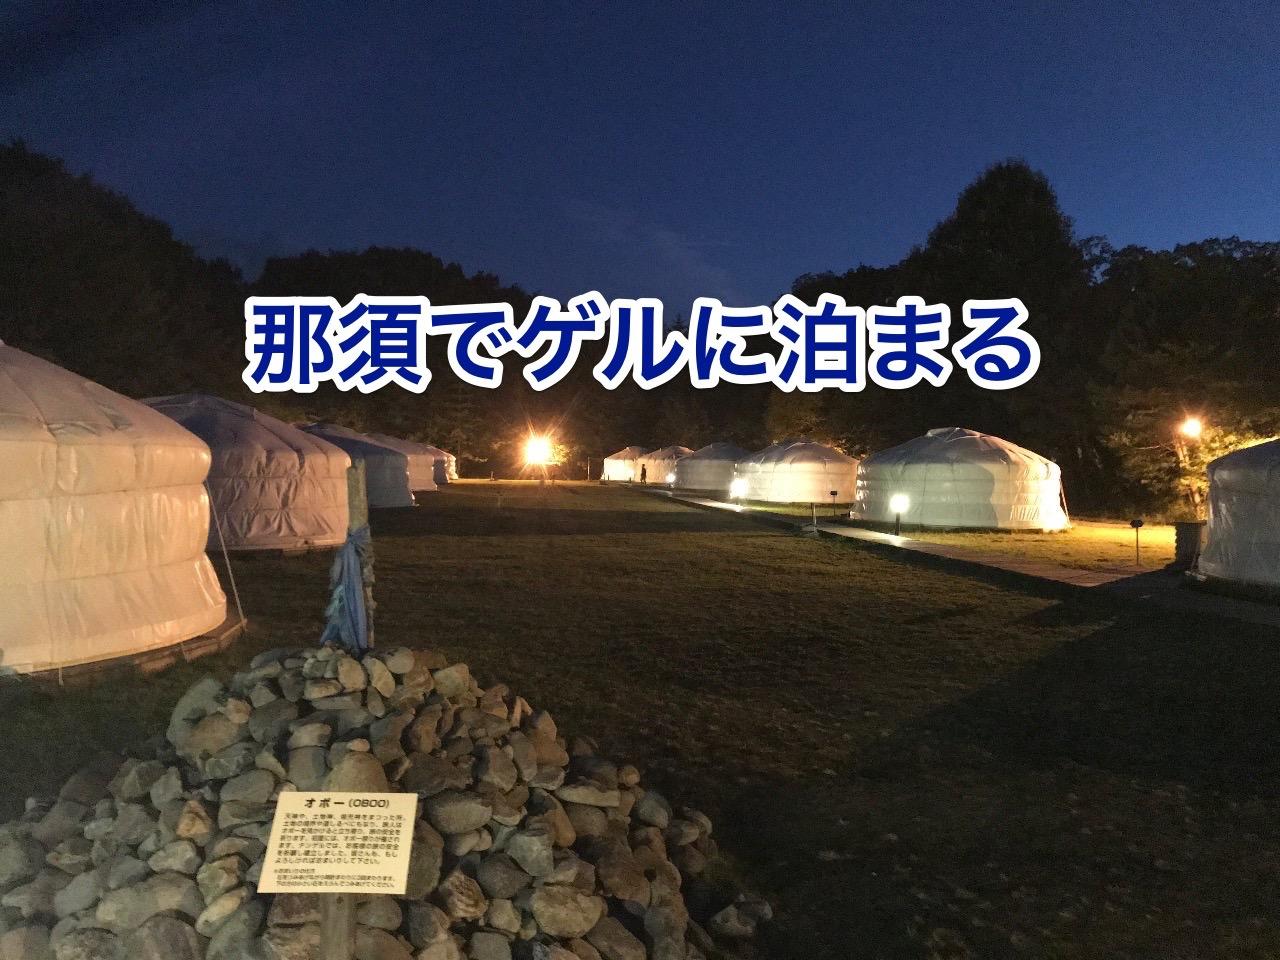 【那須】ゲルに泊まれる「モンゴリアビレッジ テンゲル」【感想】